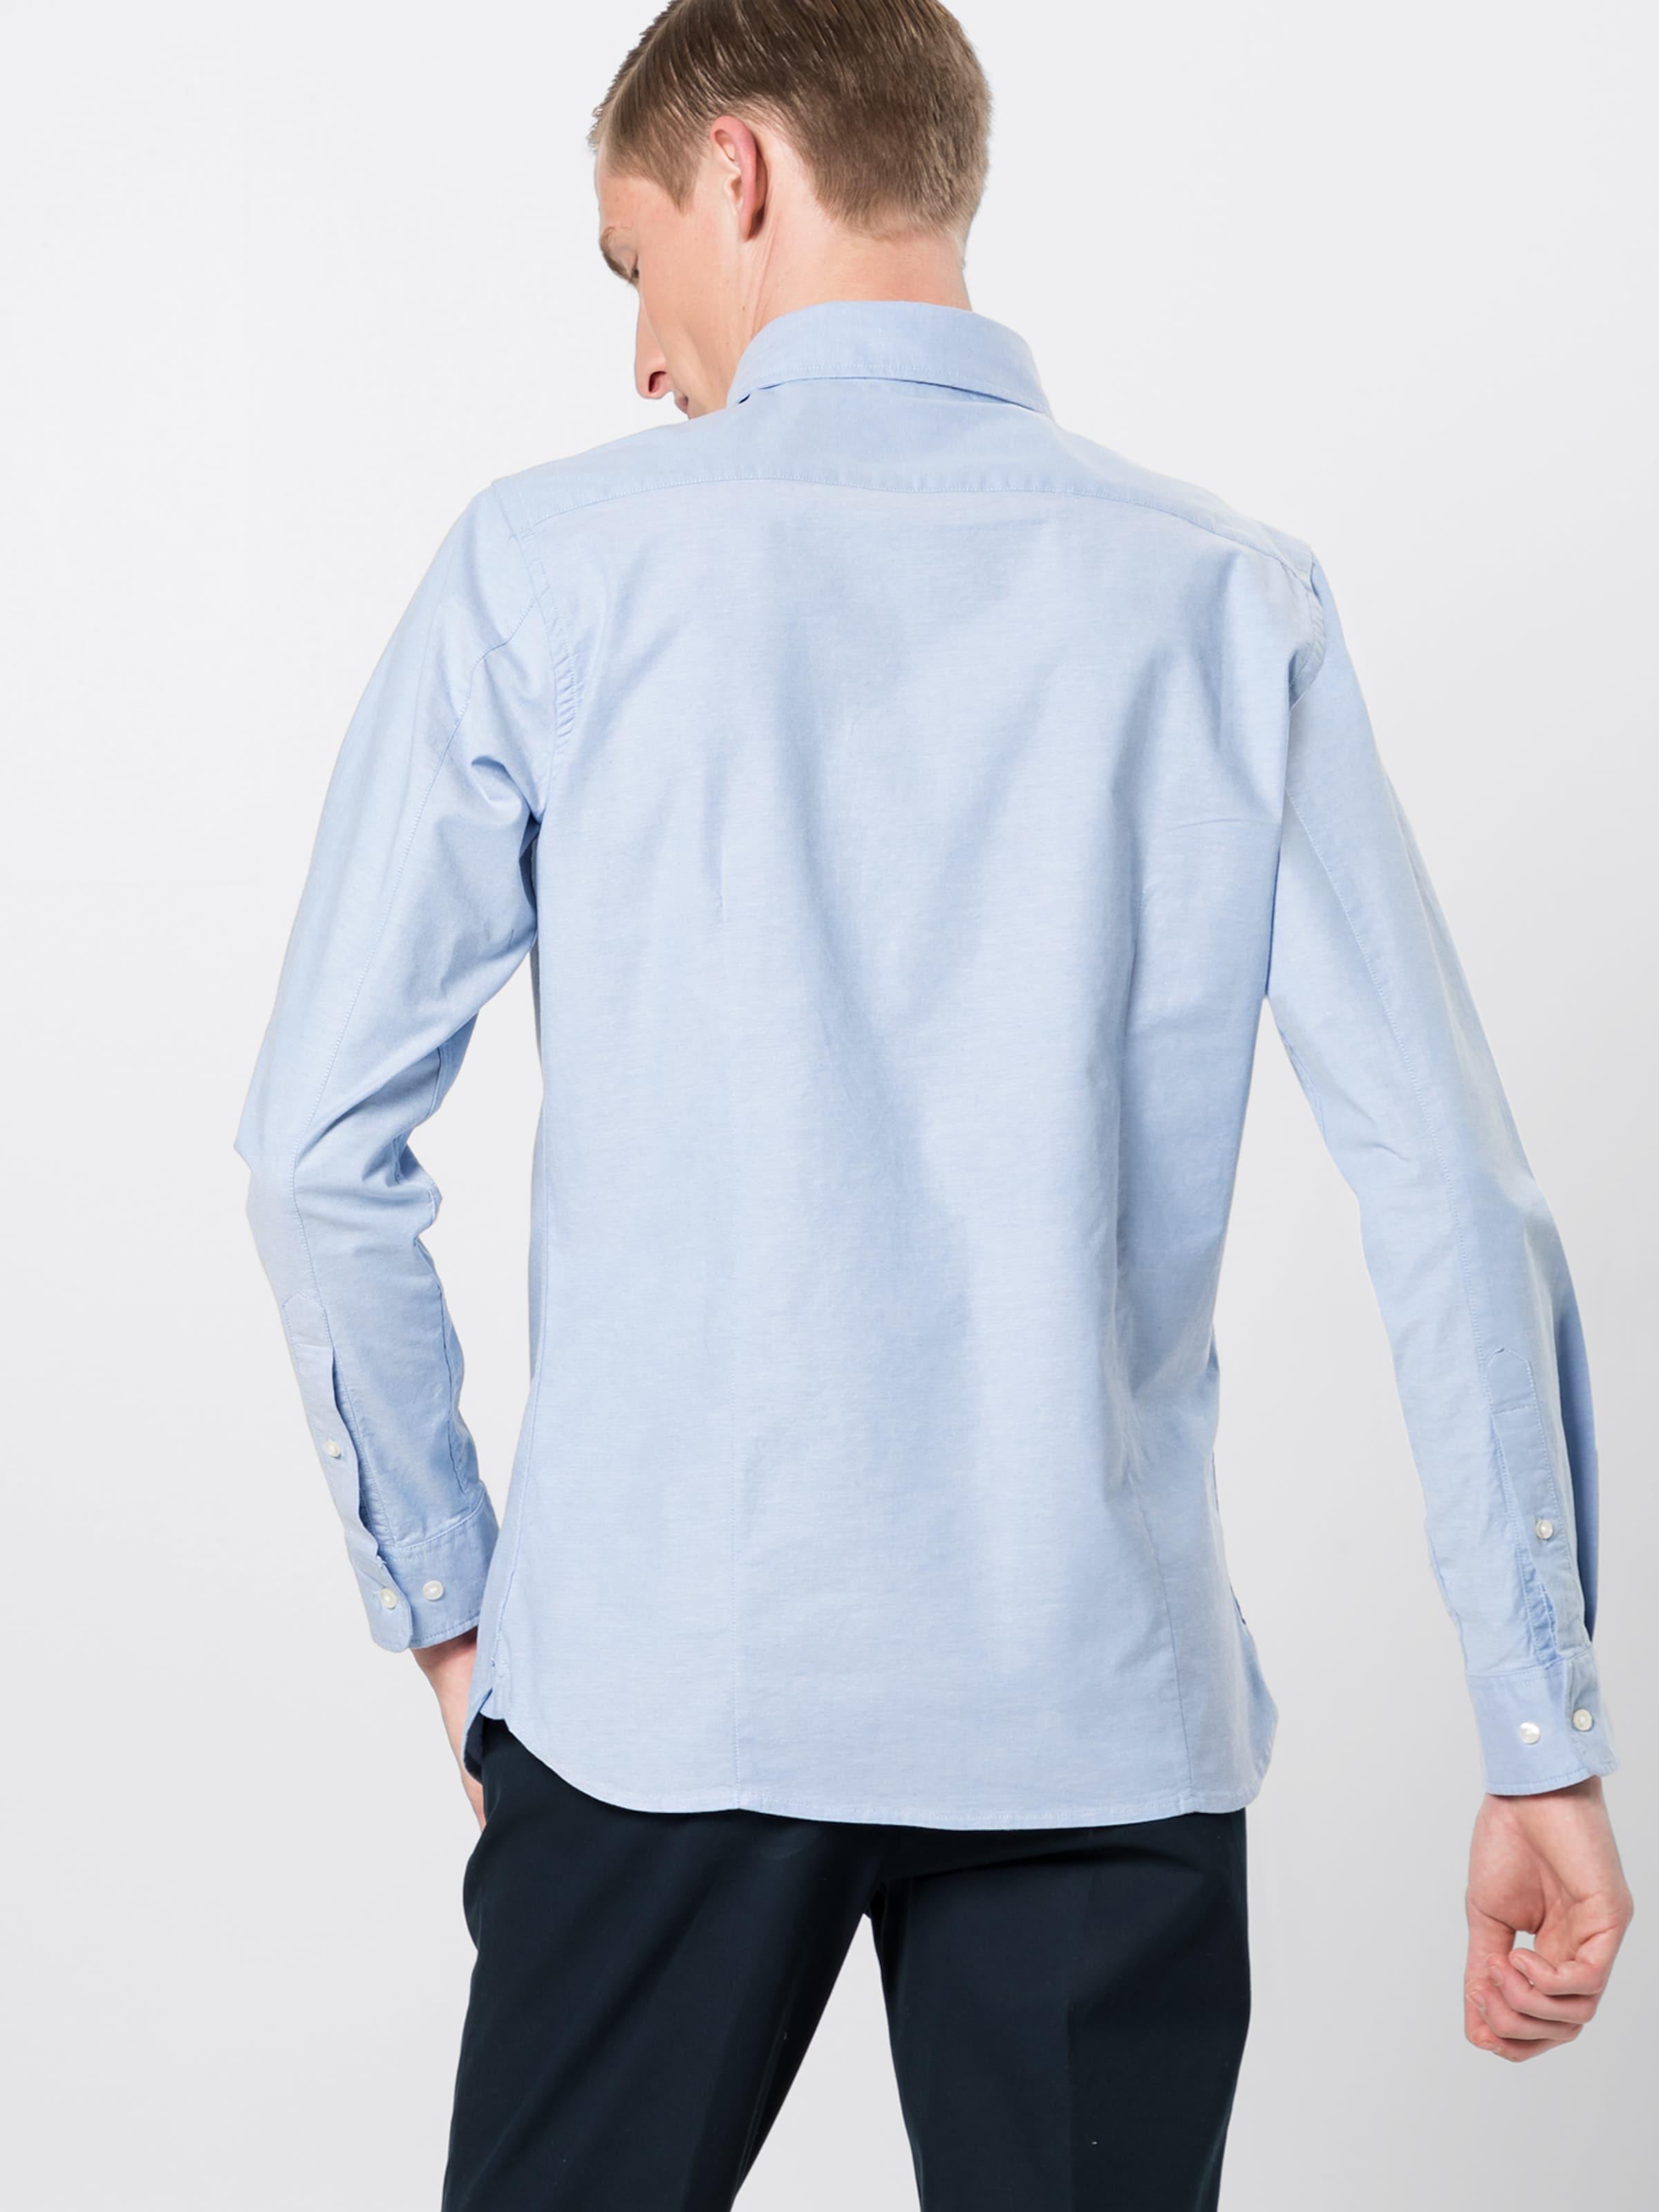 Oxford 'strethced Knowledgecotton Hemd Hellblau Apparel In Shirt' Aj5RS3qcL4